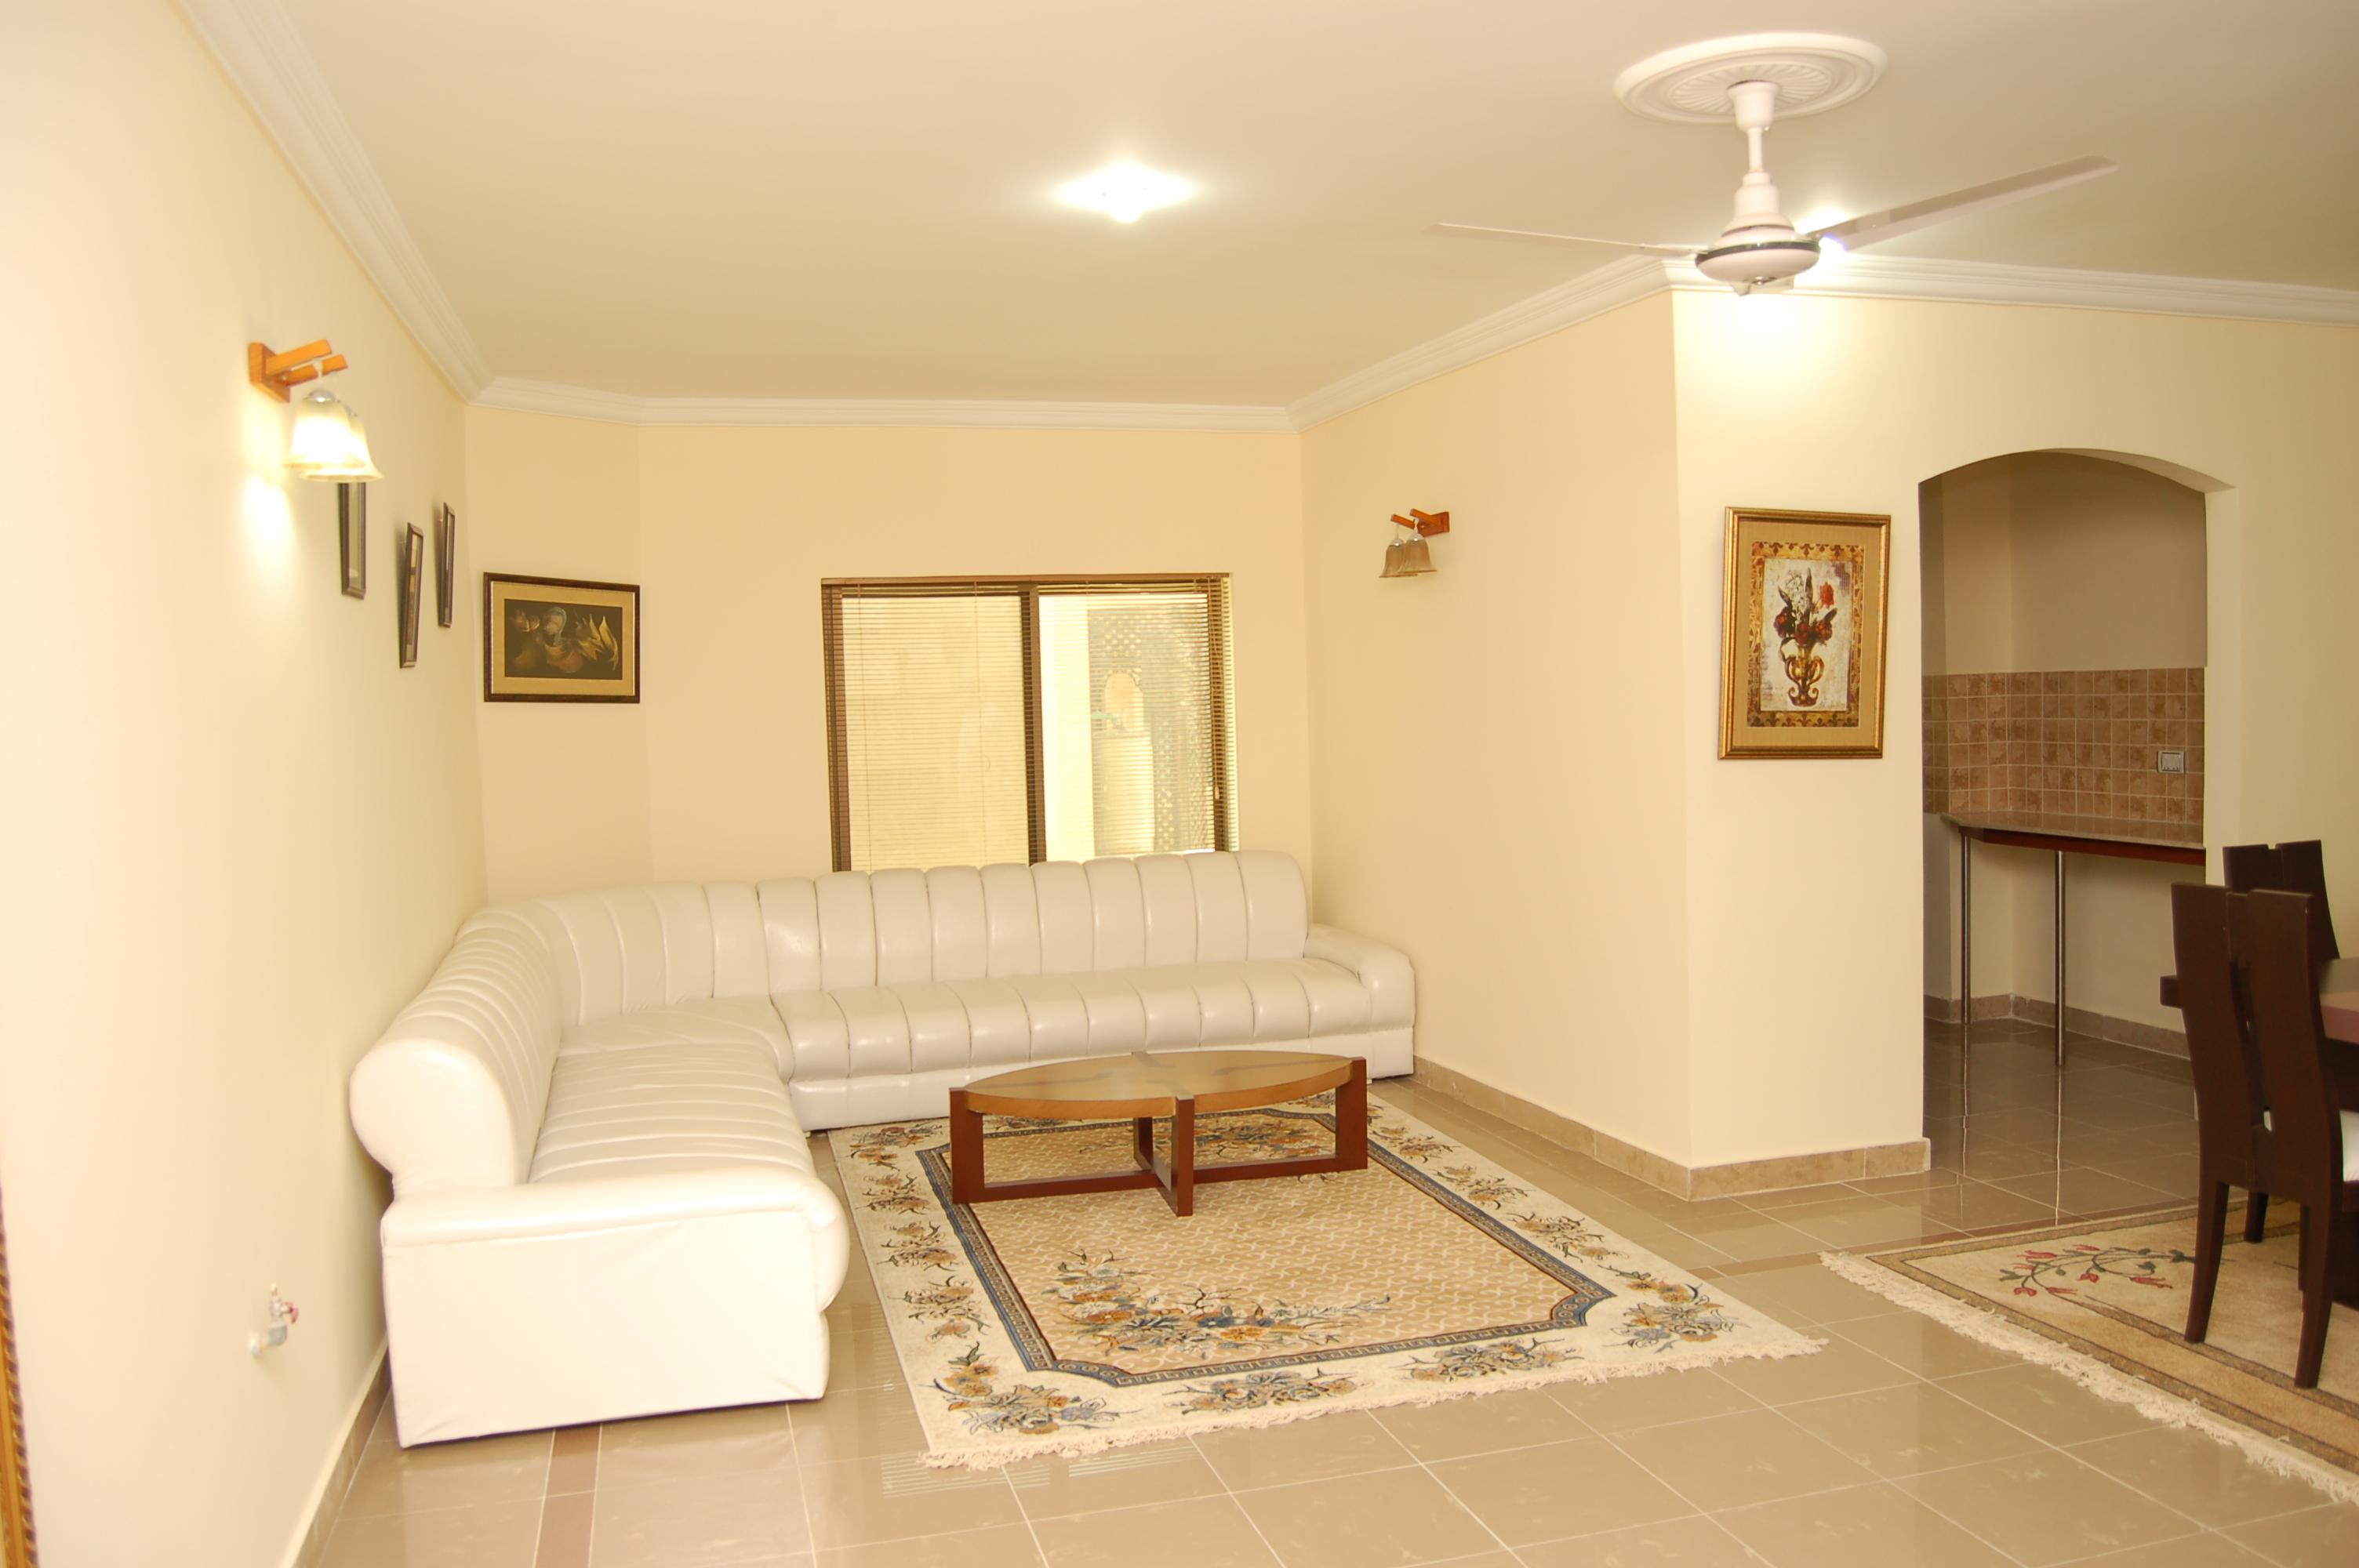 Mirpur hotel